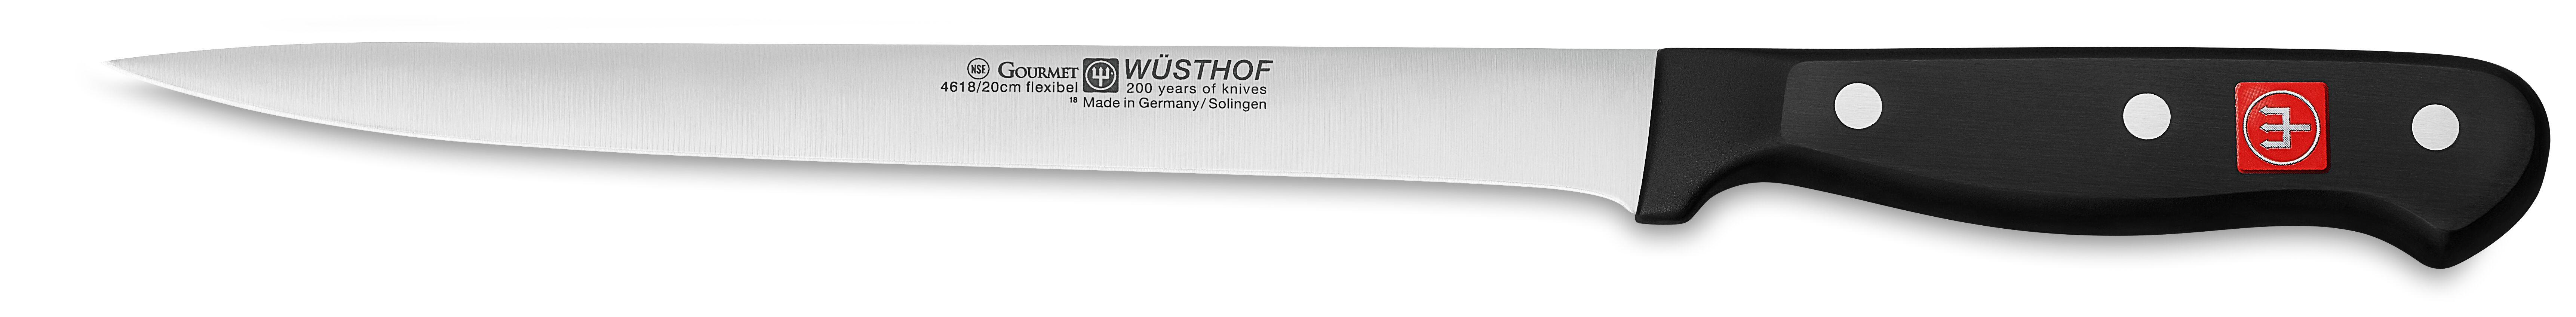 wusthof_fileermes_gourmet_20cm.jpeg